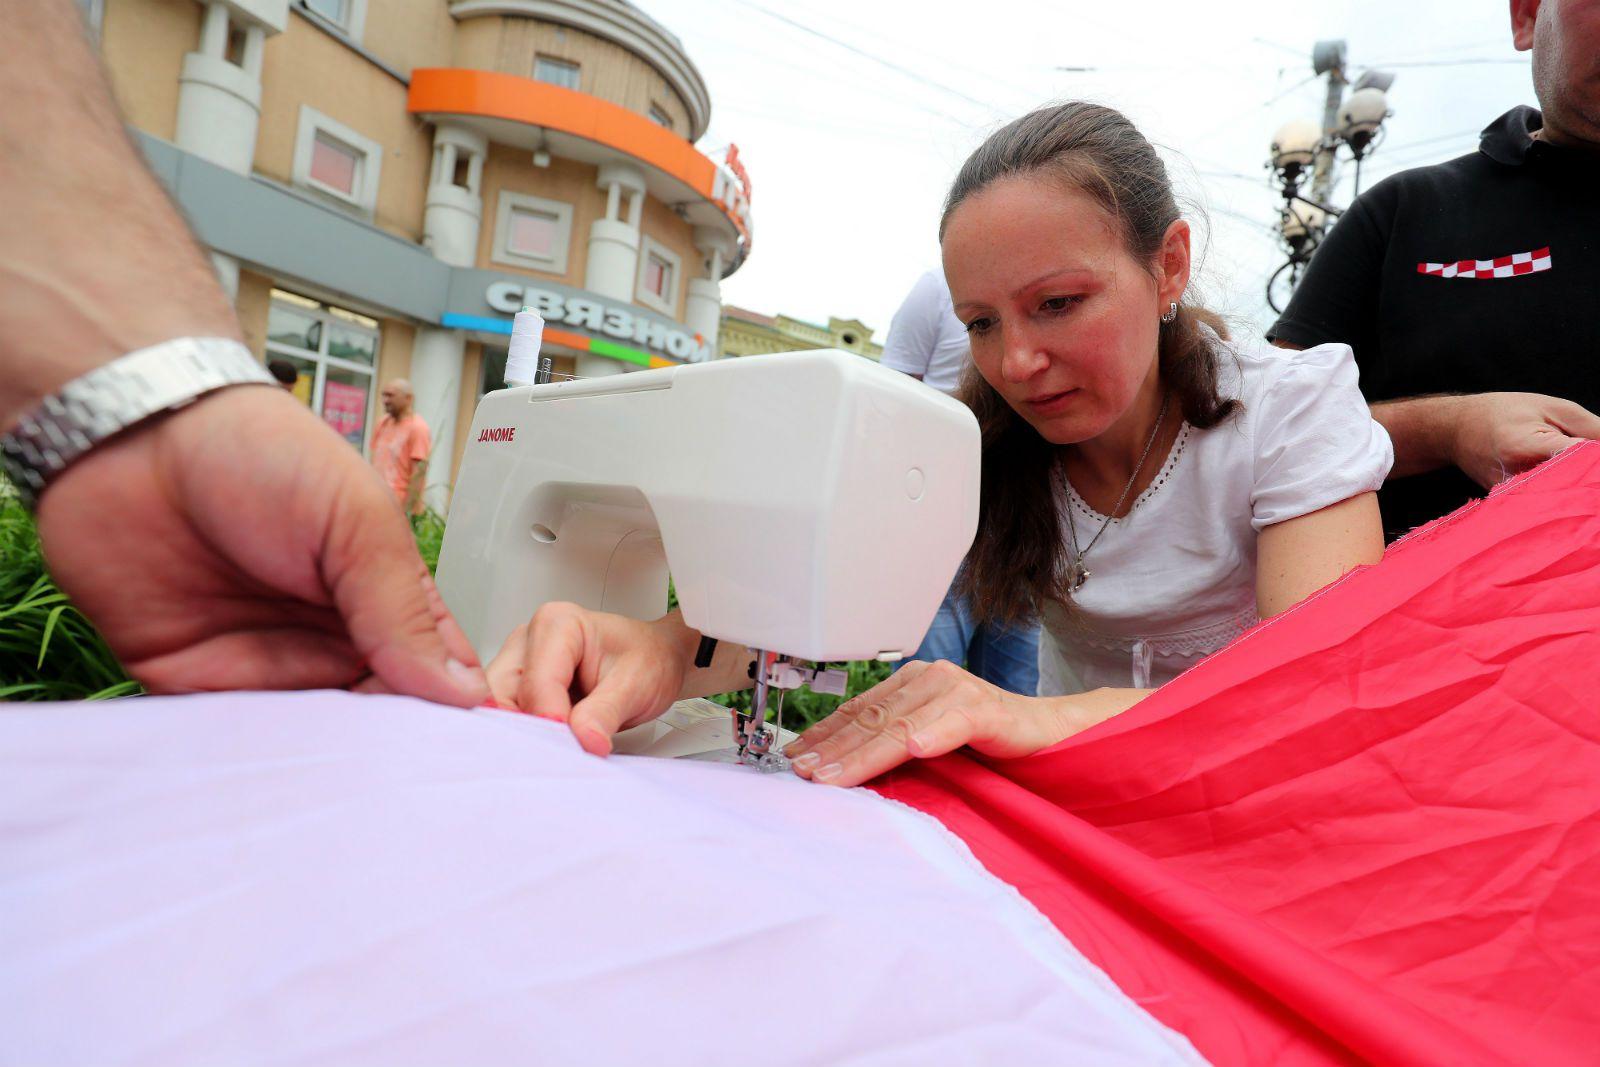 Hrvatska navijačka zastava i ruska krojačica priredili pravi spektakl u Nižnjem Novgorodu 6